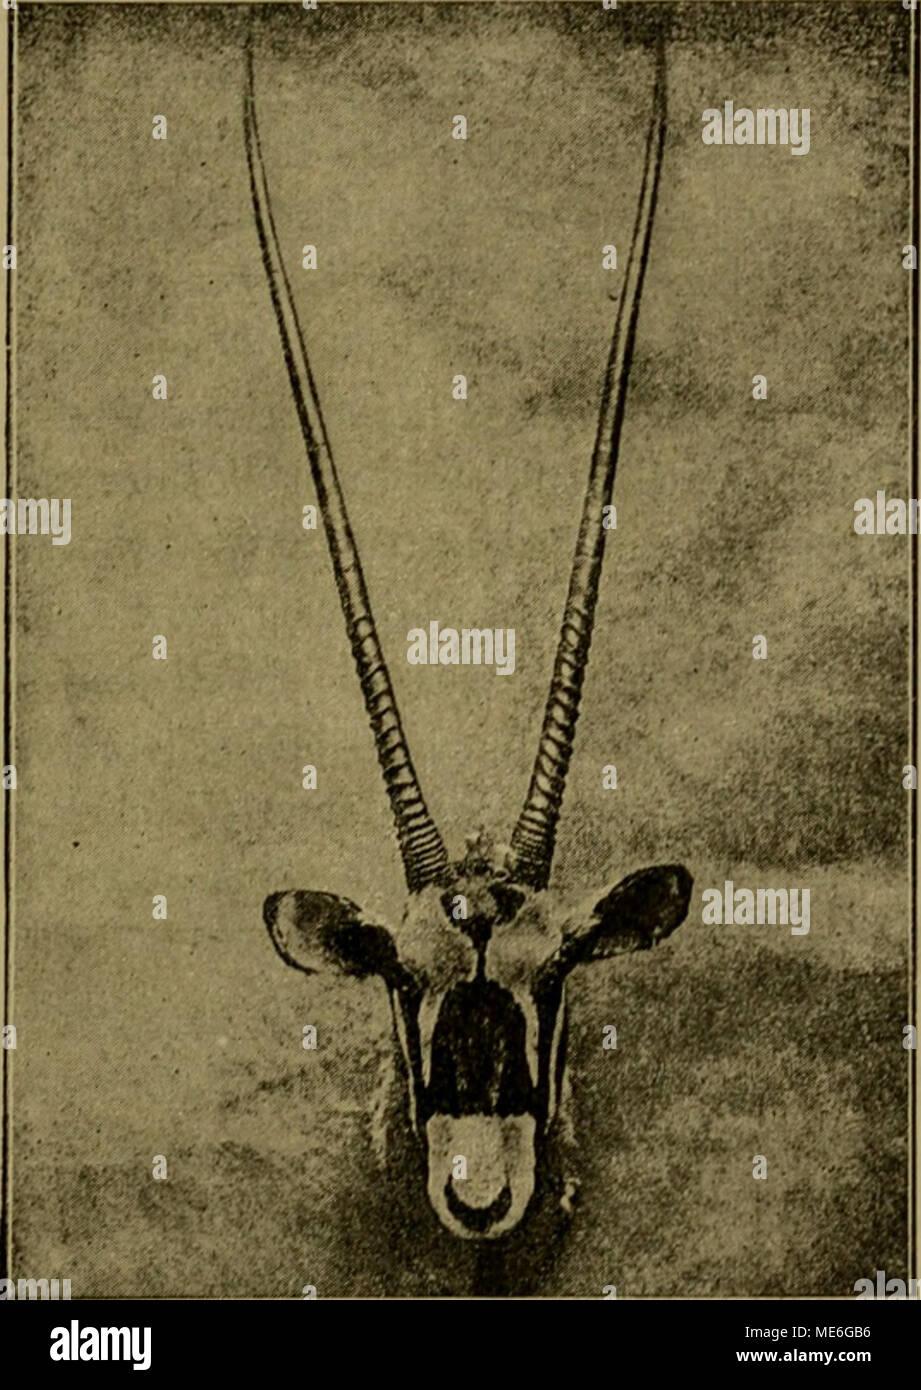 . Die geographische Verbreitung und geologische Entwickelung der Säugetiere . l'ig. 0». Kojif der Oryxantilope ((/ryxj. vertretene Gattung, die durch die geraden oder nur schwach gebogenen und nur an der Basis geringelten schlanken Hörner charakterisiert ist, ist über alle Wüstengegenden von Afrika, Arabien und Syrien verbreitet. Die Mehr- zahl der Arten sind allerdings auf Aethiopien beschränkt. - Stock Image